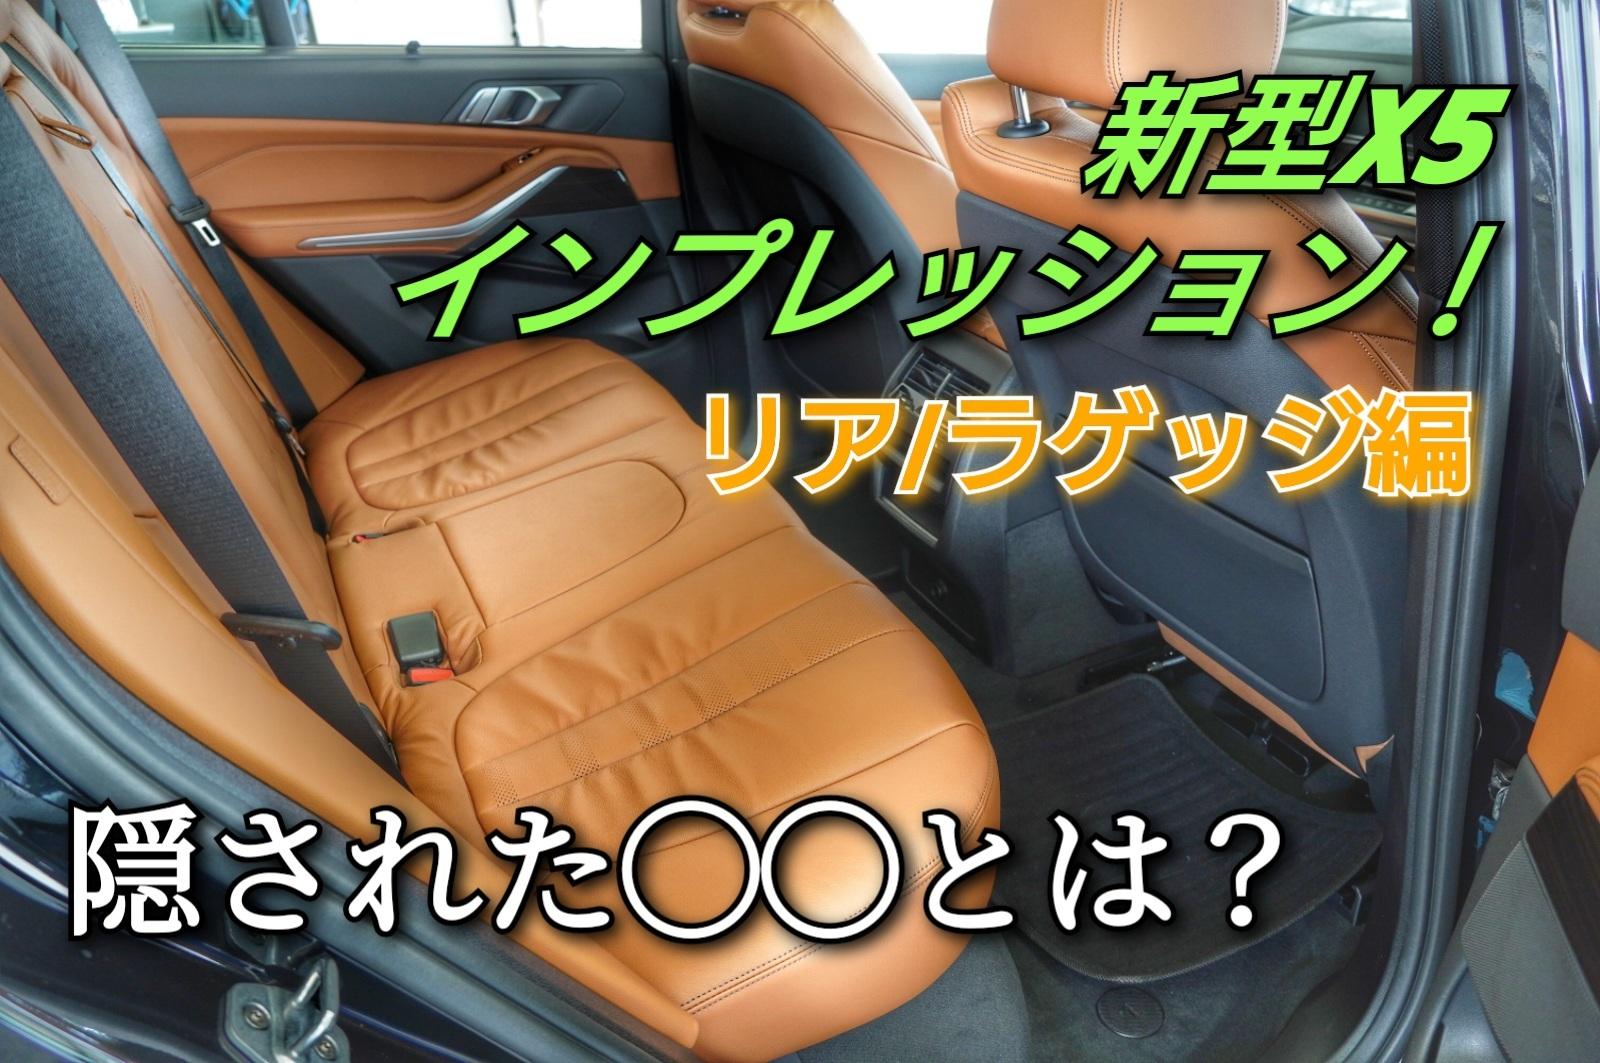 BMWX5smn4.jpg